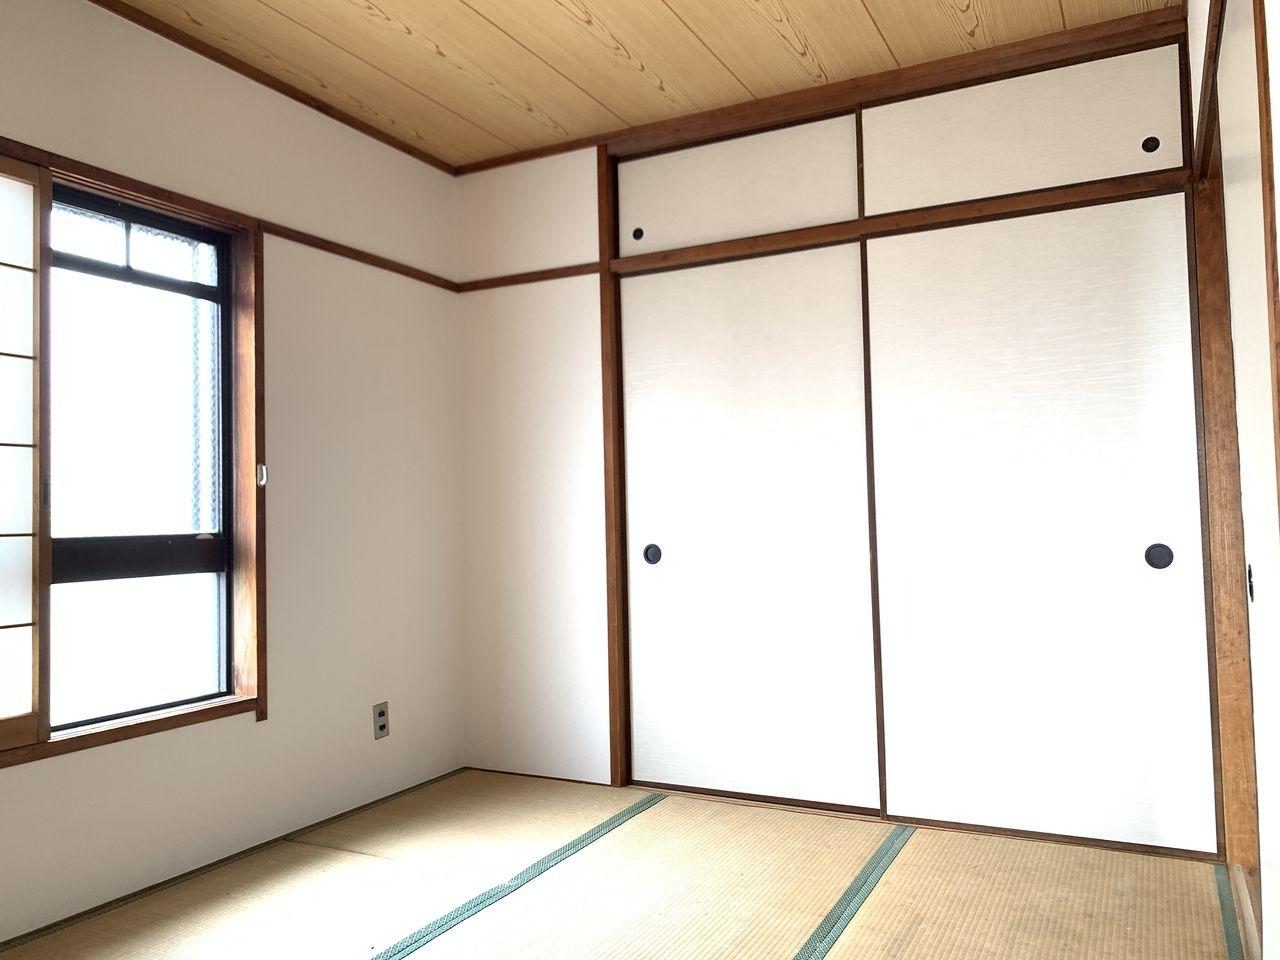 ハイツ富士401号室和室の写真です